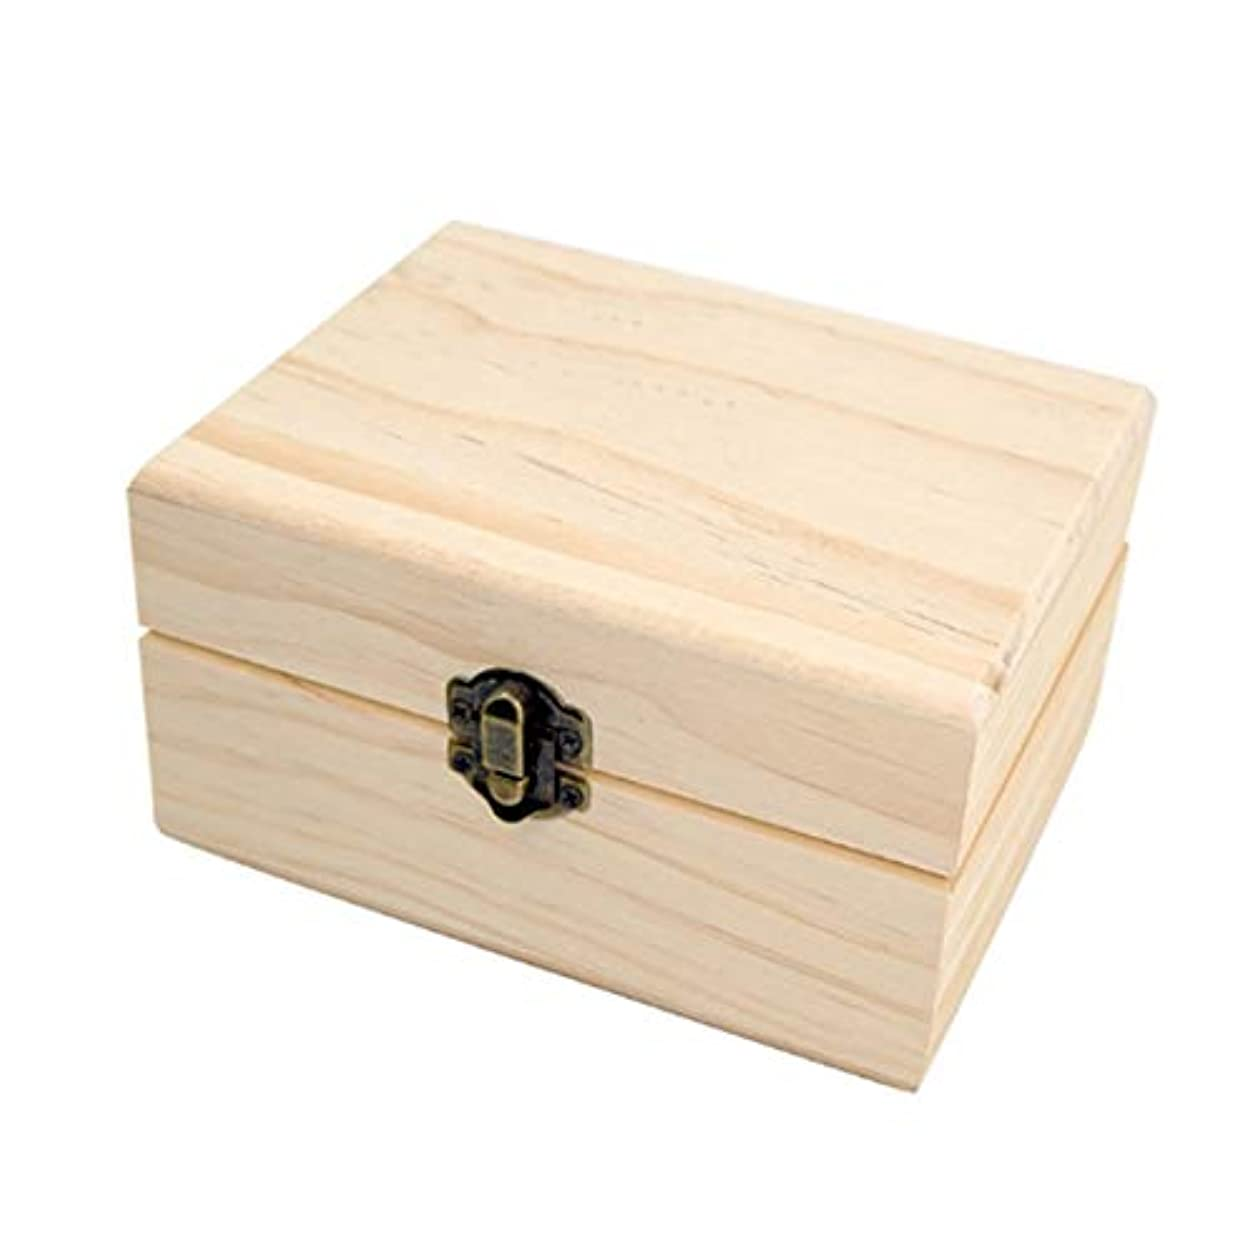 ハブブ歯車水差しフェリモア エッセンシャルオイル 収納ボックス ボトル用 松 木製 格子状 倒れにくい 12マス (ブラウン)